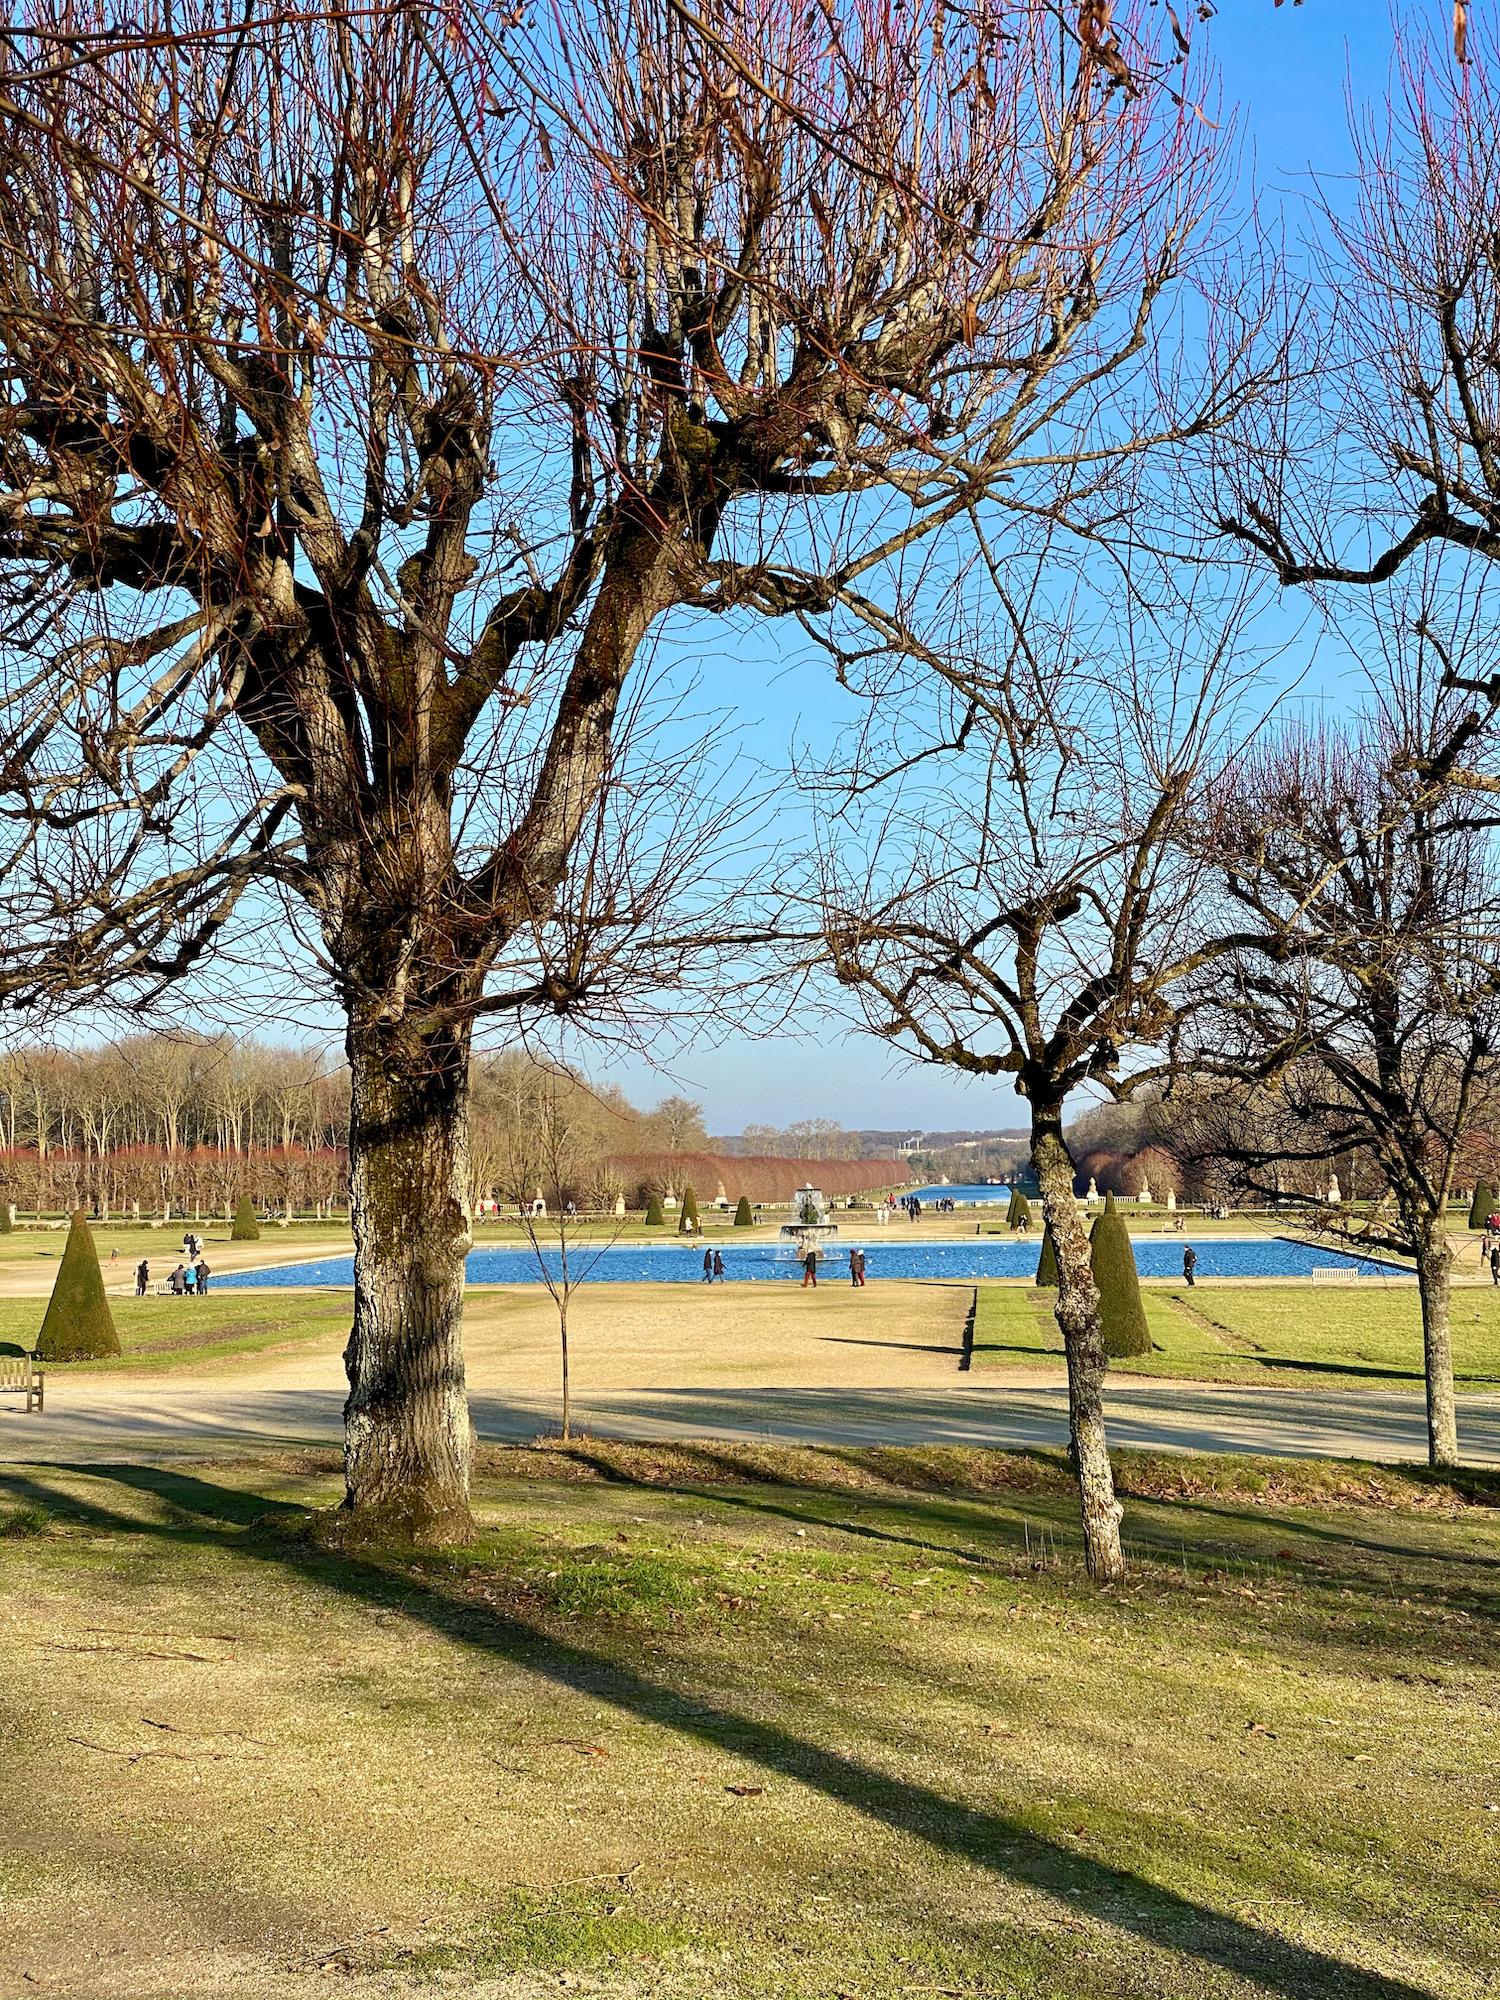 visiting the château de fontainebleau gardens